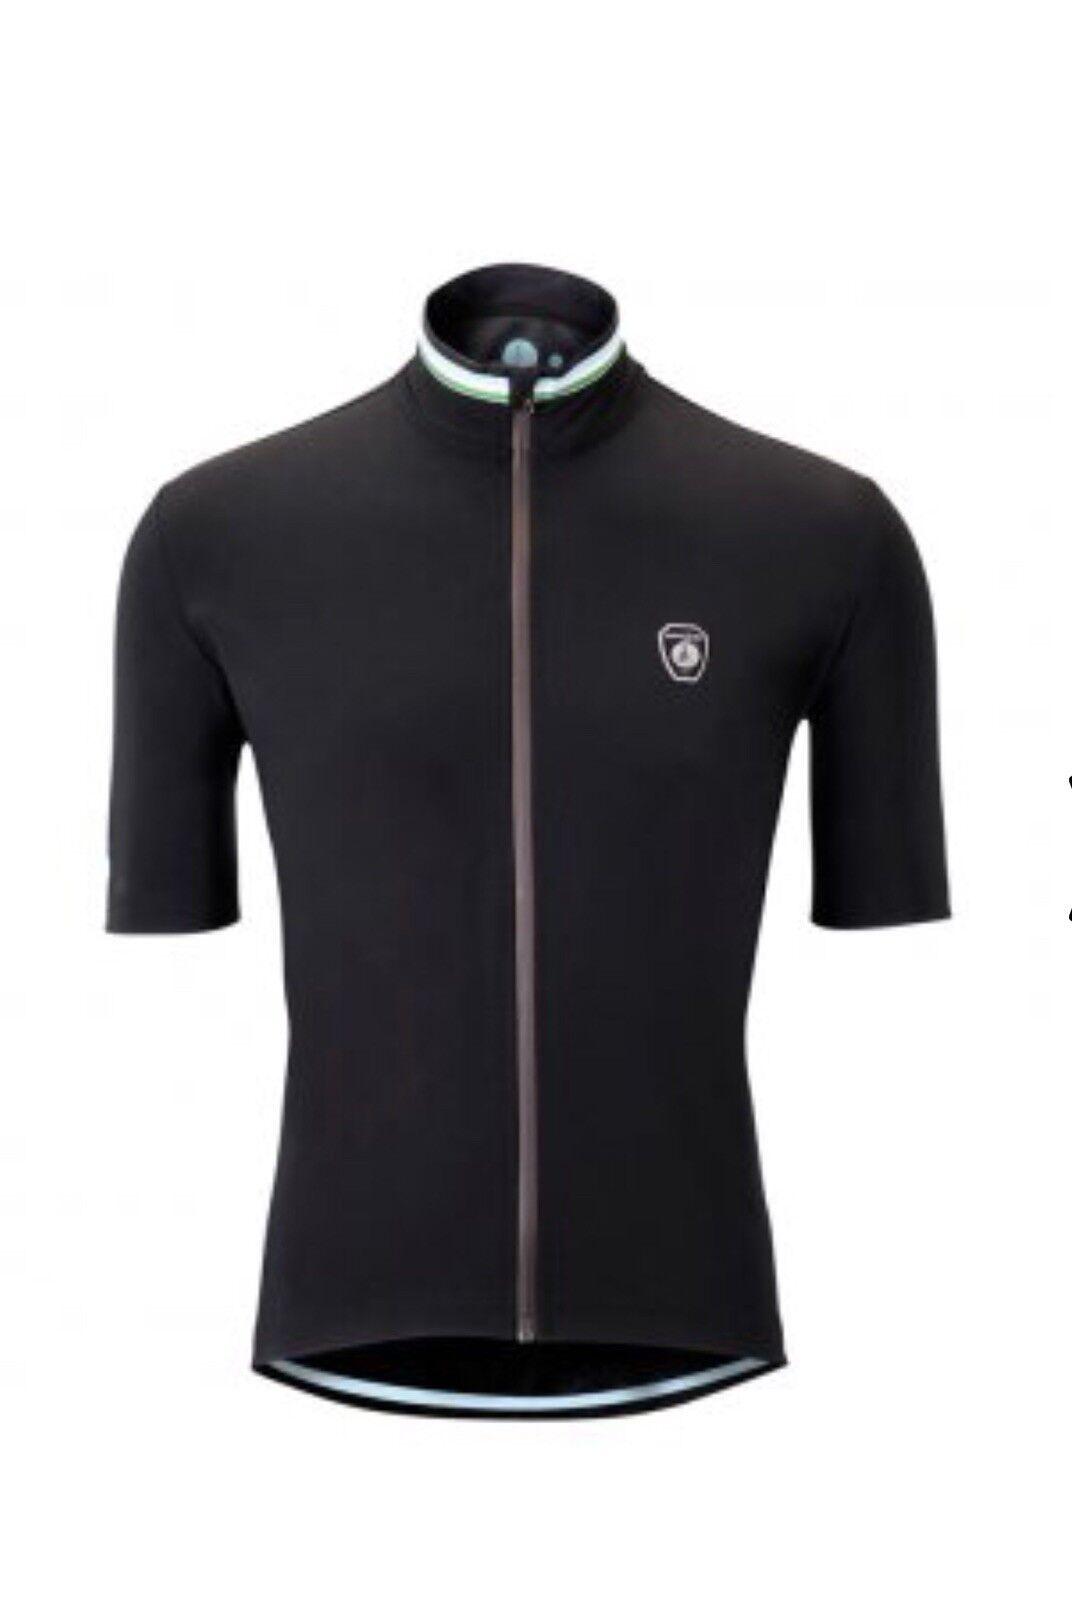 Cafe Du Cycliste Men's Waterproof Josette Jersey   Size XS  unique shape